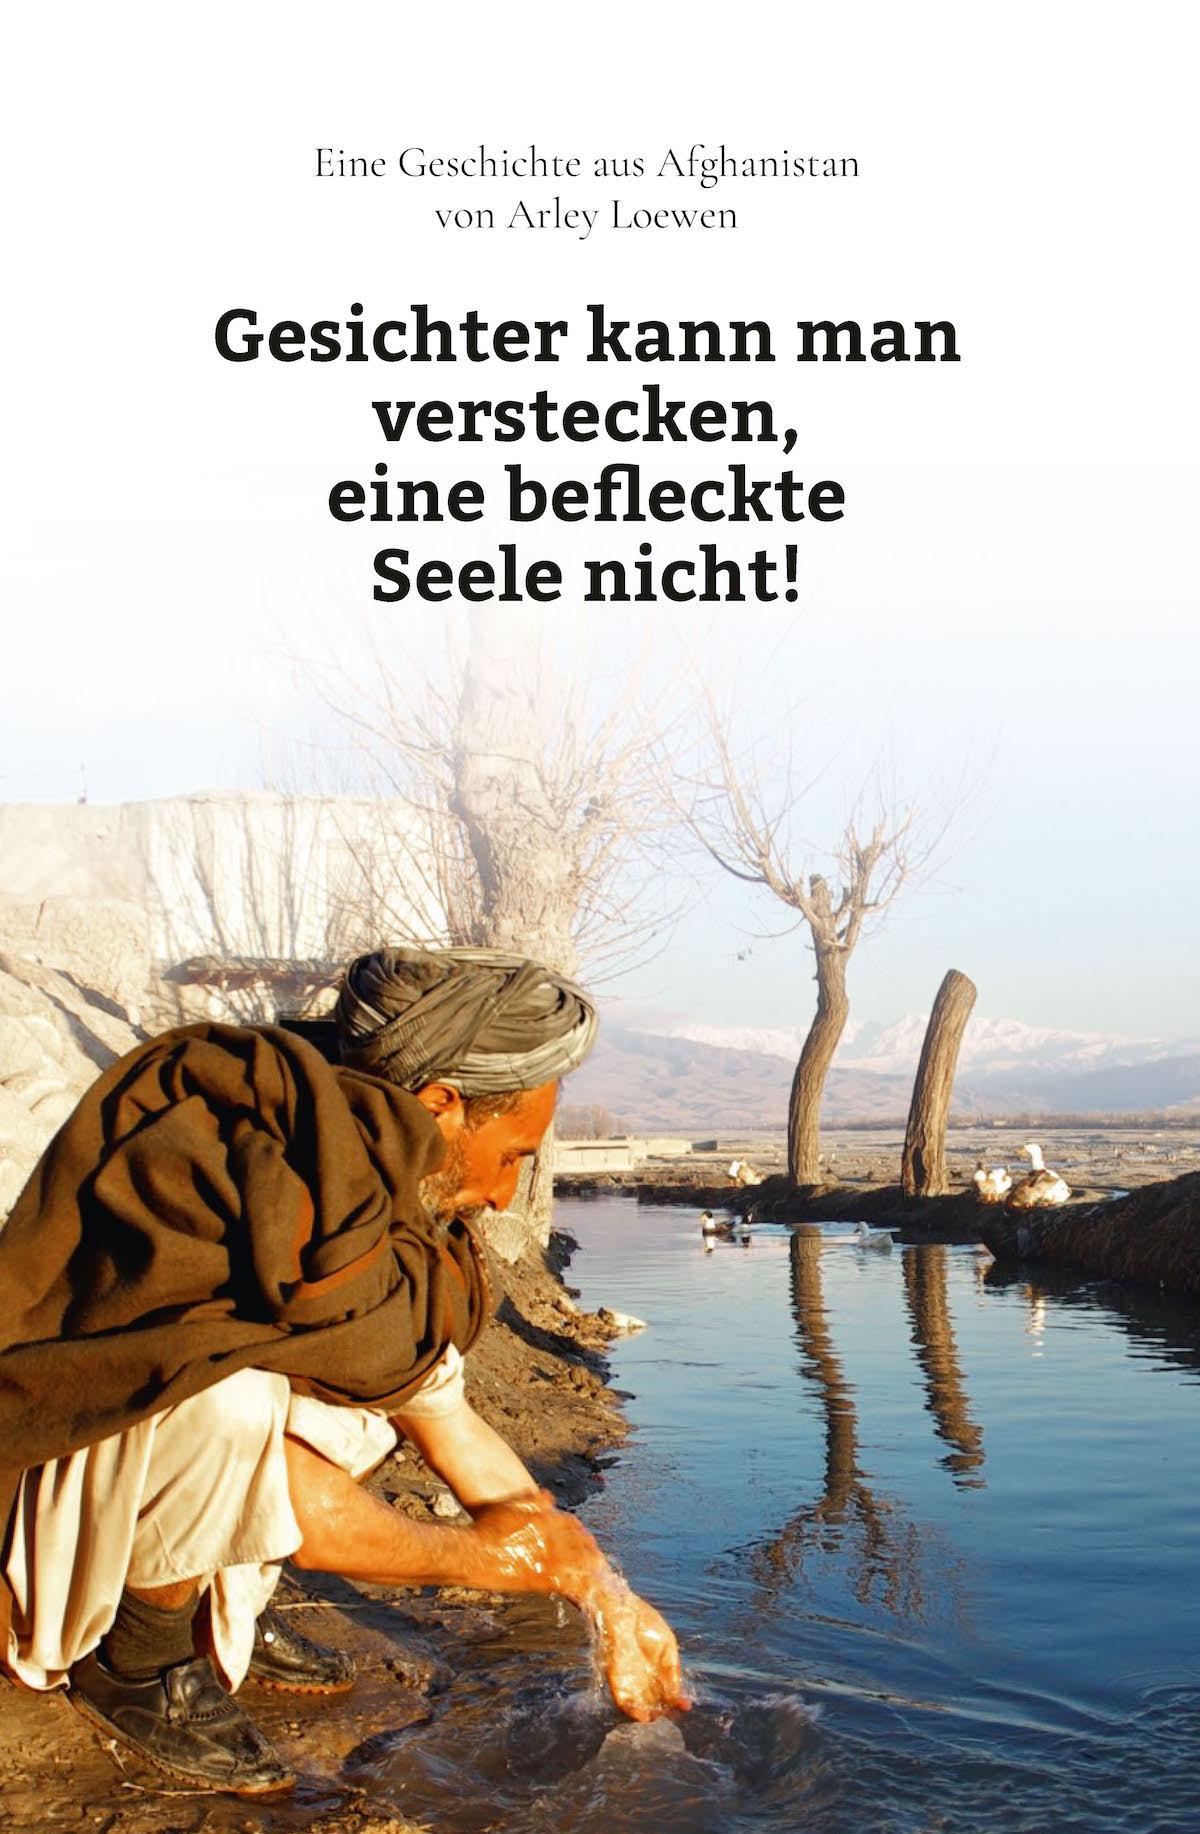 Arley Loewen: Gesichter kann man verstecken, eine befleckte Seele nicht!